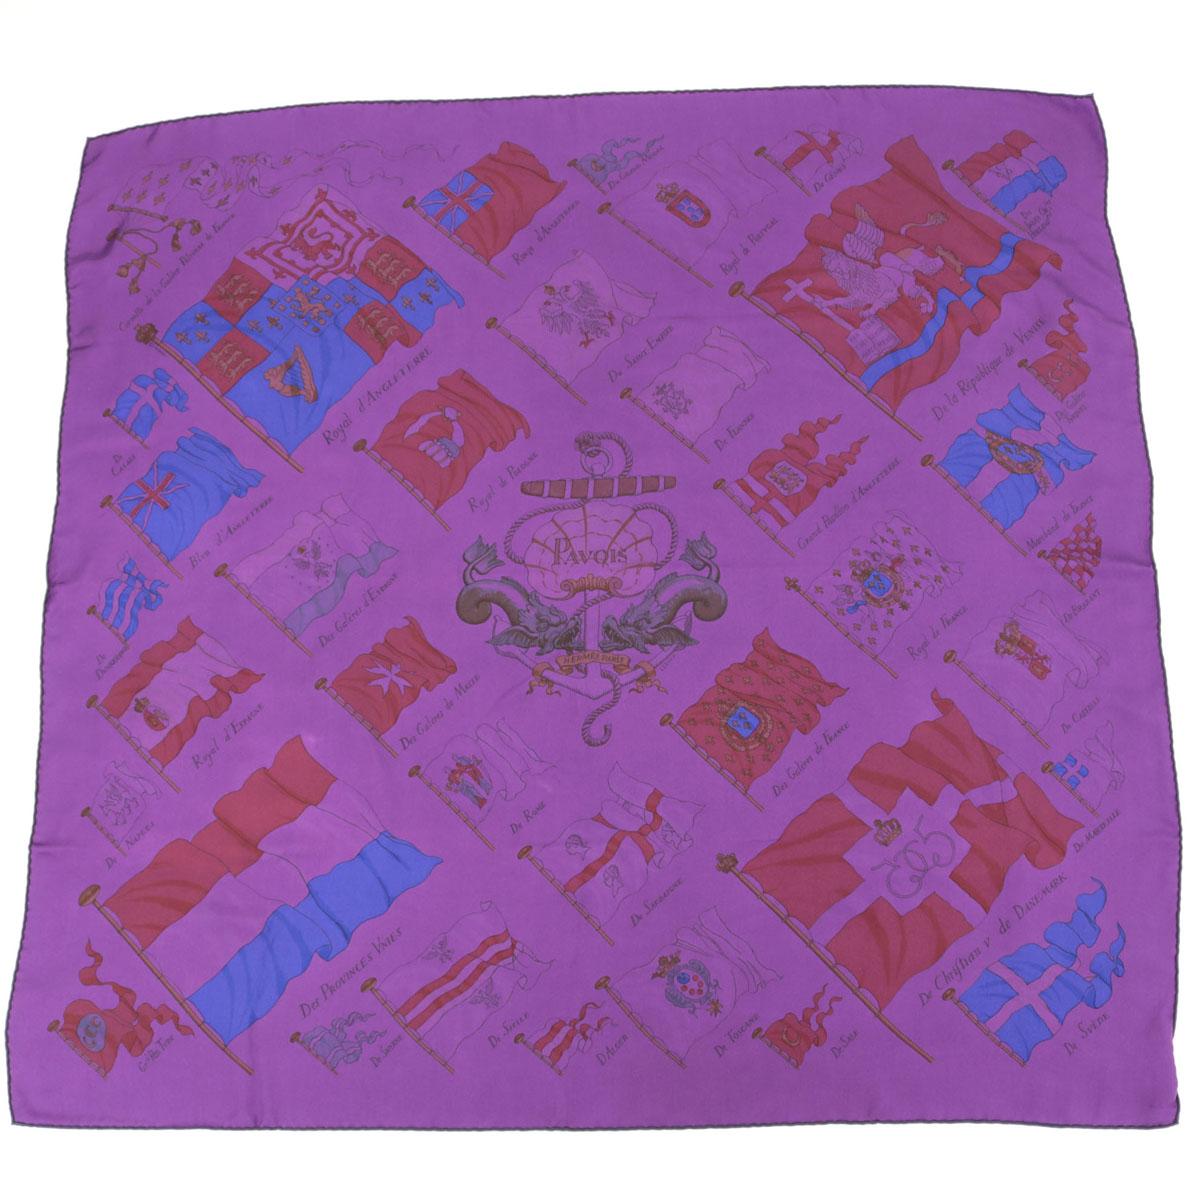 【中古】◆HERMES エルメス カレ90 シルク100% スカーフ 『船旗』 PAVOIS◆ purple /紫/パープル/SURTEINT DIP DYE/レディース/小物/フラッグ